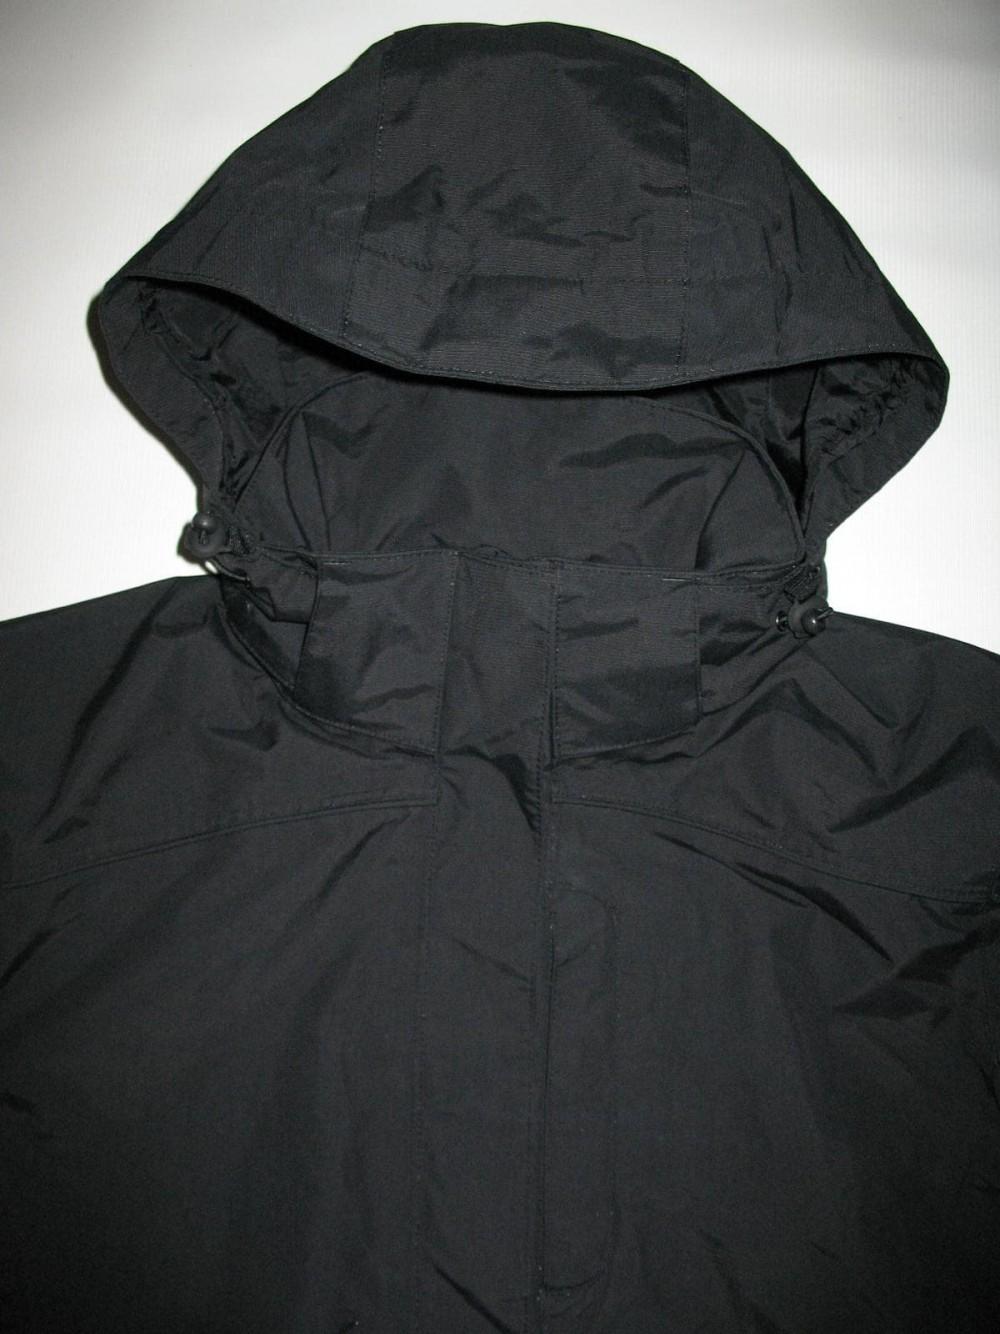 Куртка SALEWA 3in1 sceny jacket lady (размер M) - 6